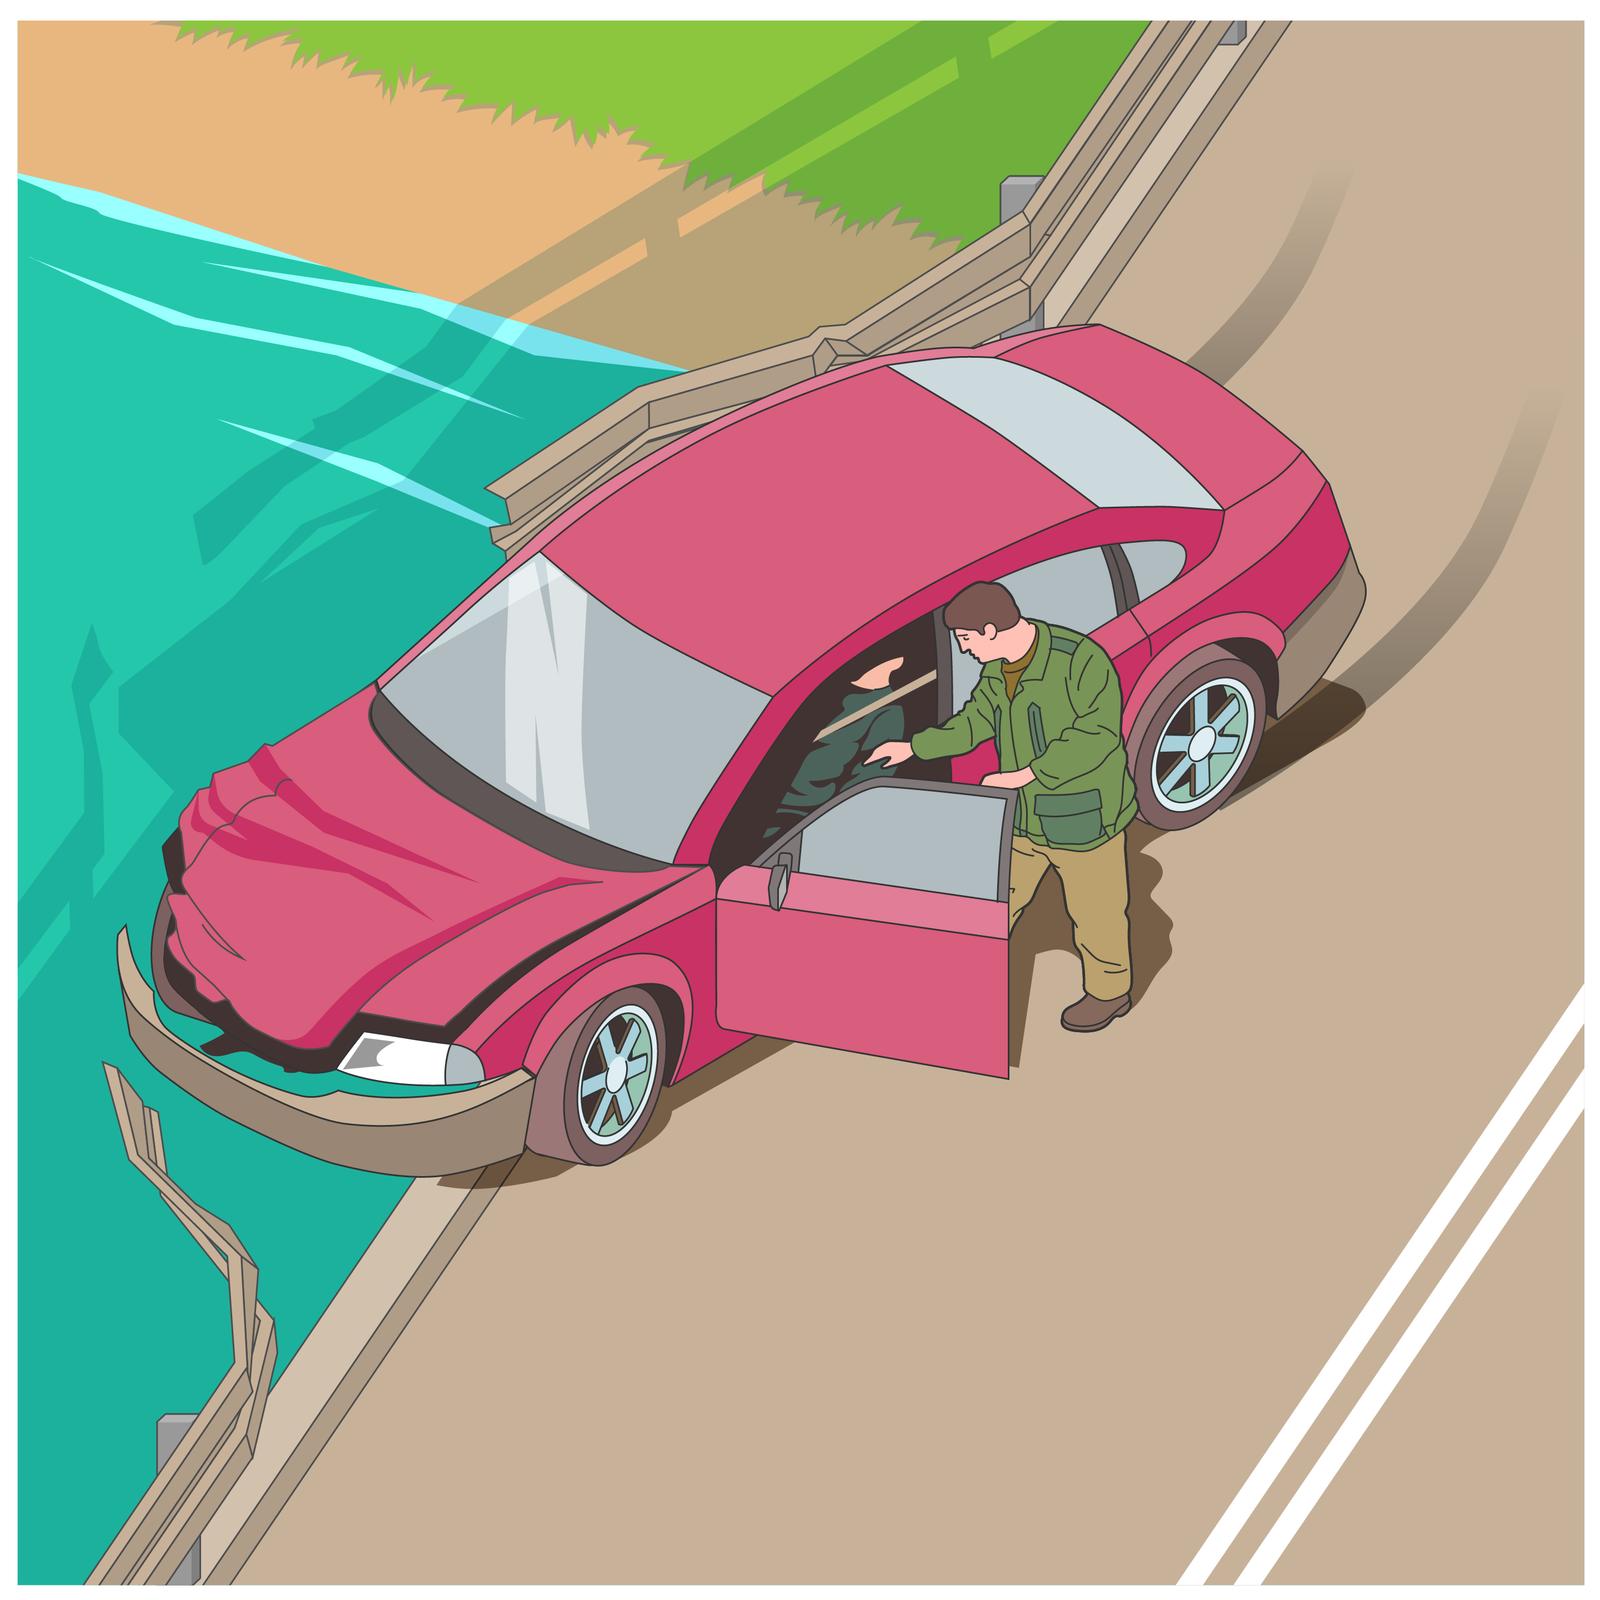 Ilustracja przedstawia wypadek na moście. Samochód przełamał barierkę zlewej strony mostu. Przód samochodu skierowany wlewą stronę zdjęcia. Drzwi kierowcy otwarte. Drugi mężczyzna próbuje pomóc kierowcy siedzącemu wsamochodzie. Poniżej mostu rzeka.